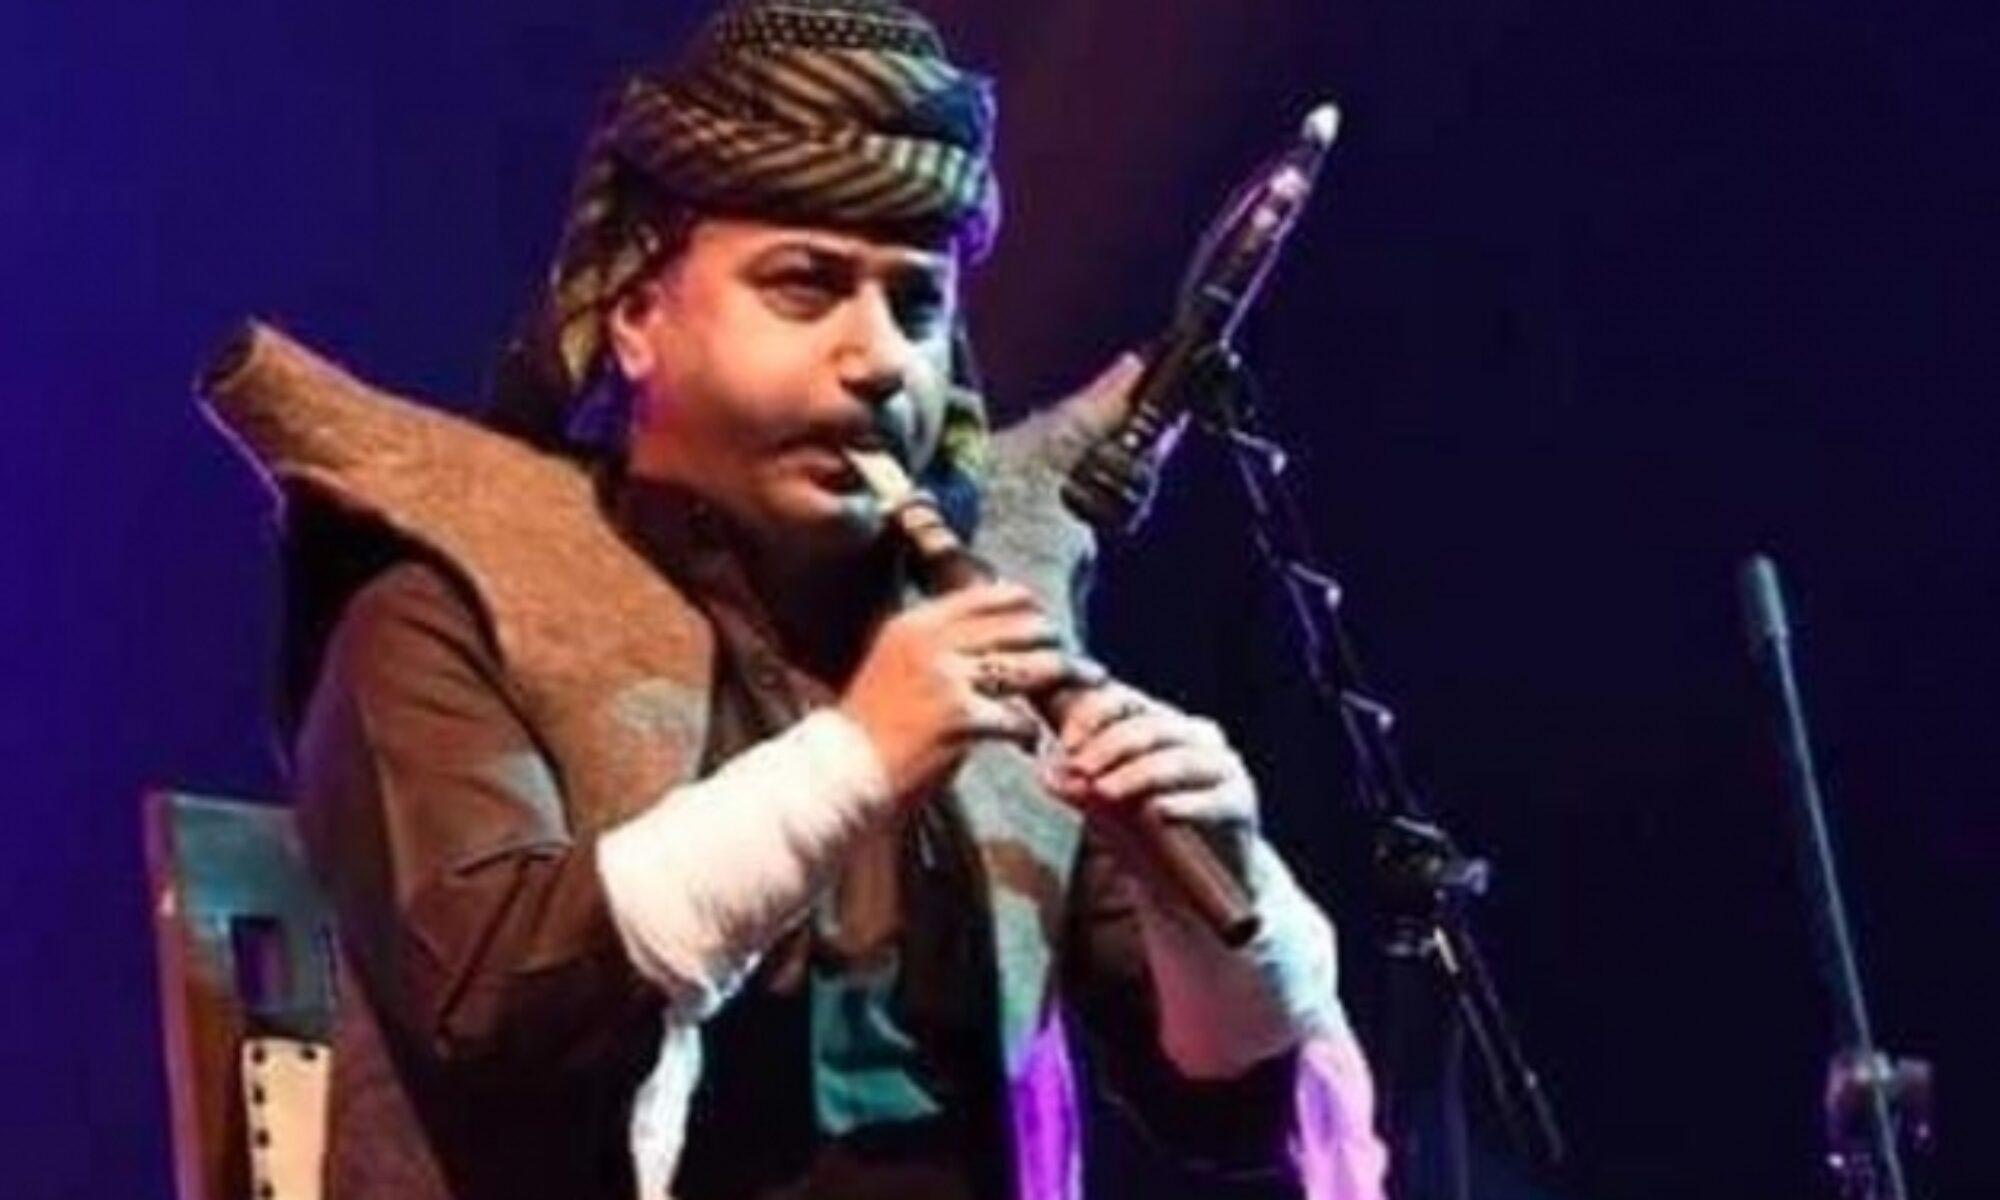 YNK Anti-terör timleri tarafından tehdit edildikten sonra katledilen sanatçı Baleban için Kürdistan Parlamentosu harekete geçti